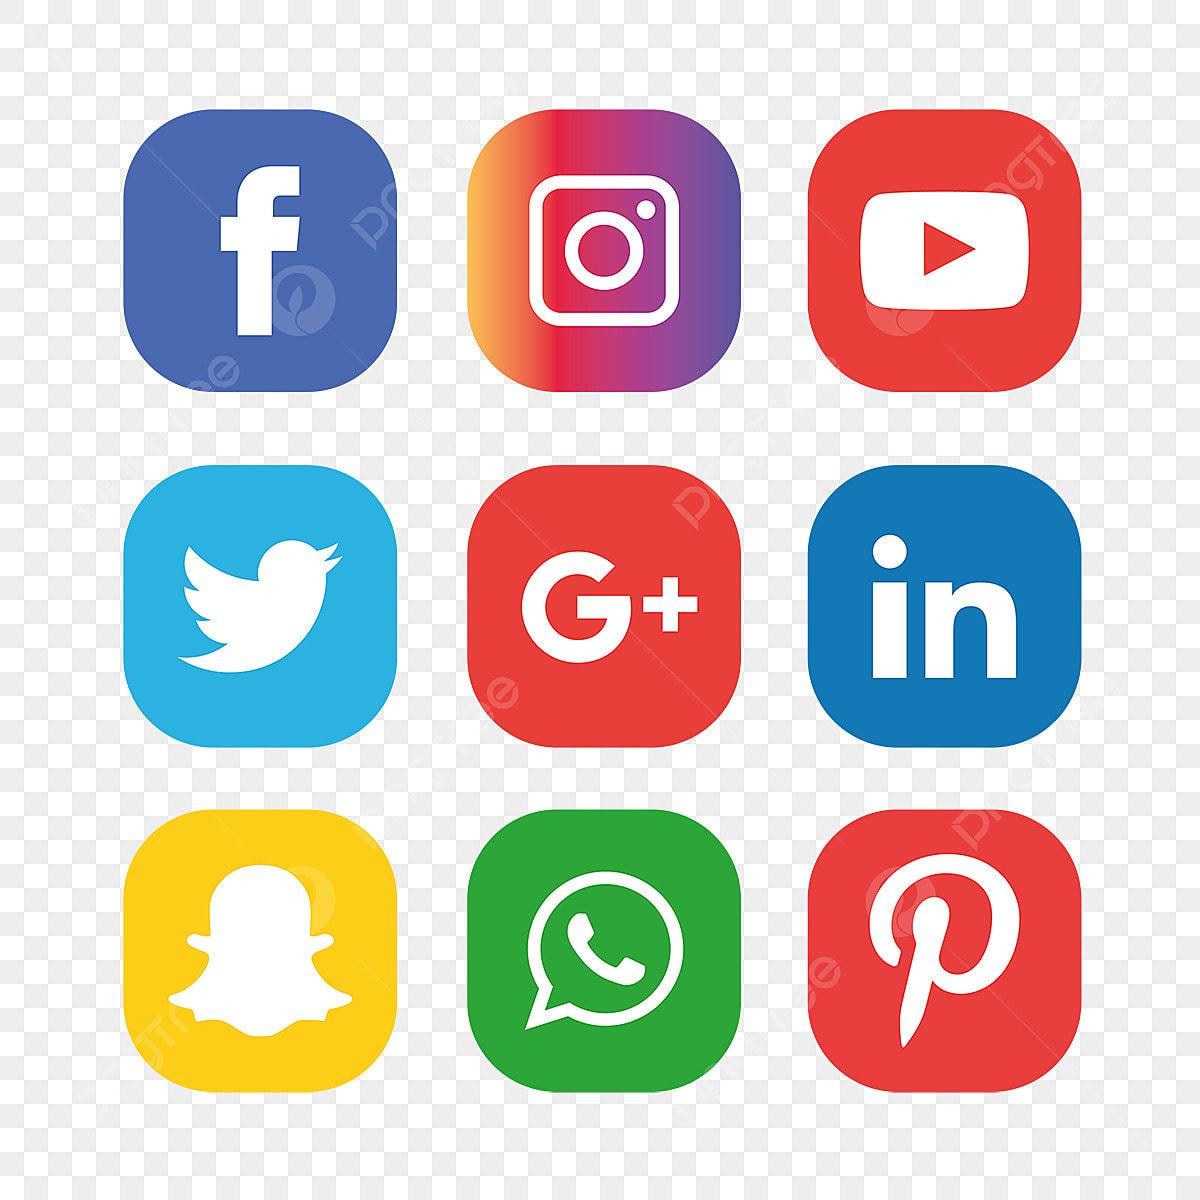 les m u00e9dias sociaux d ic u00f4nesfacebook instagram whatsapp sociaux m u00e9dias ic u00f4ne png et vecteur pour